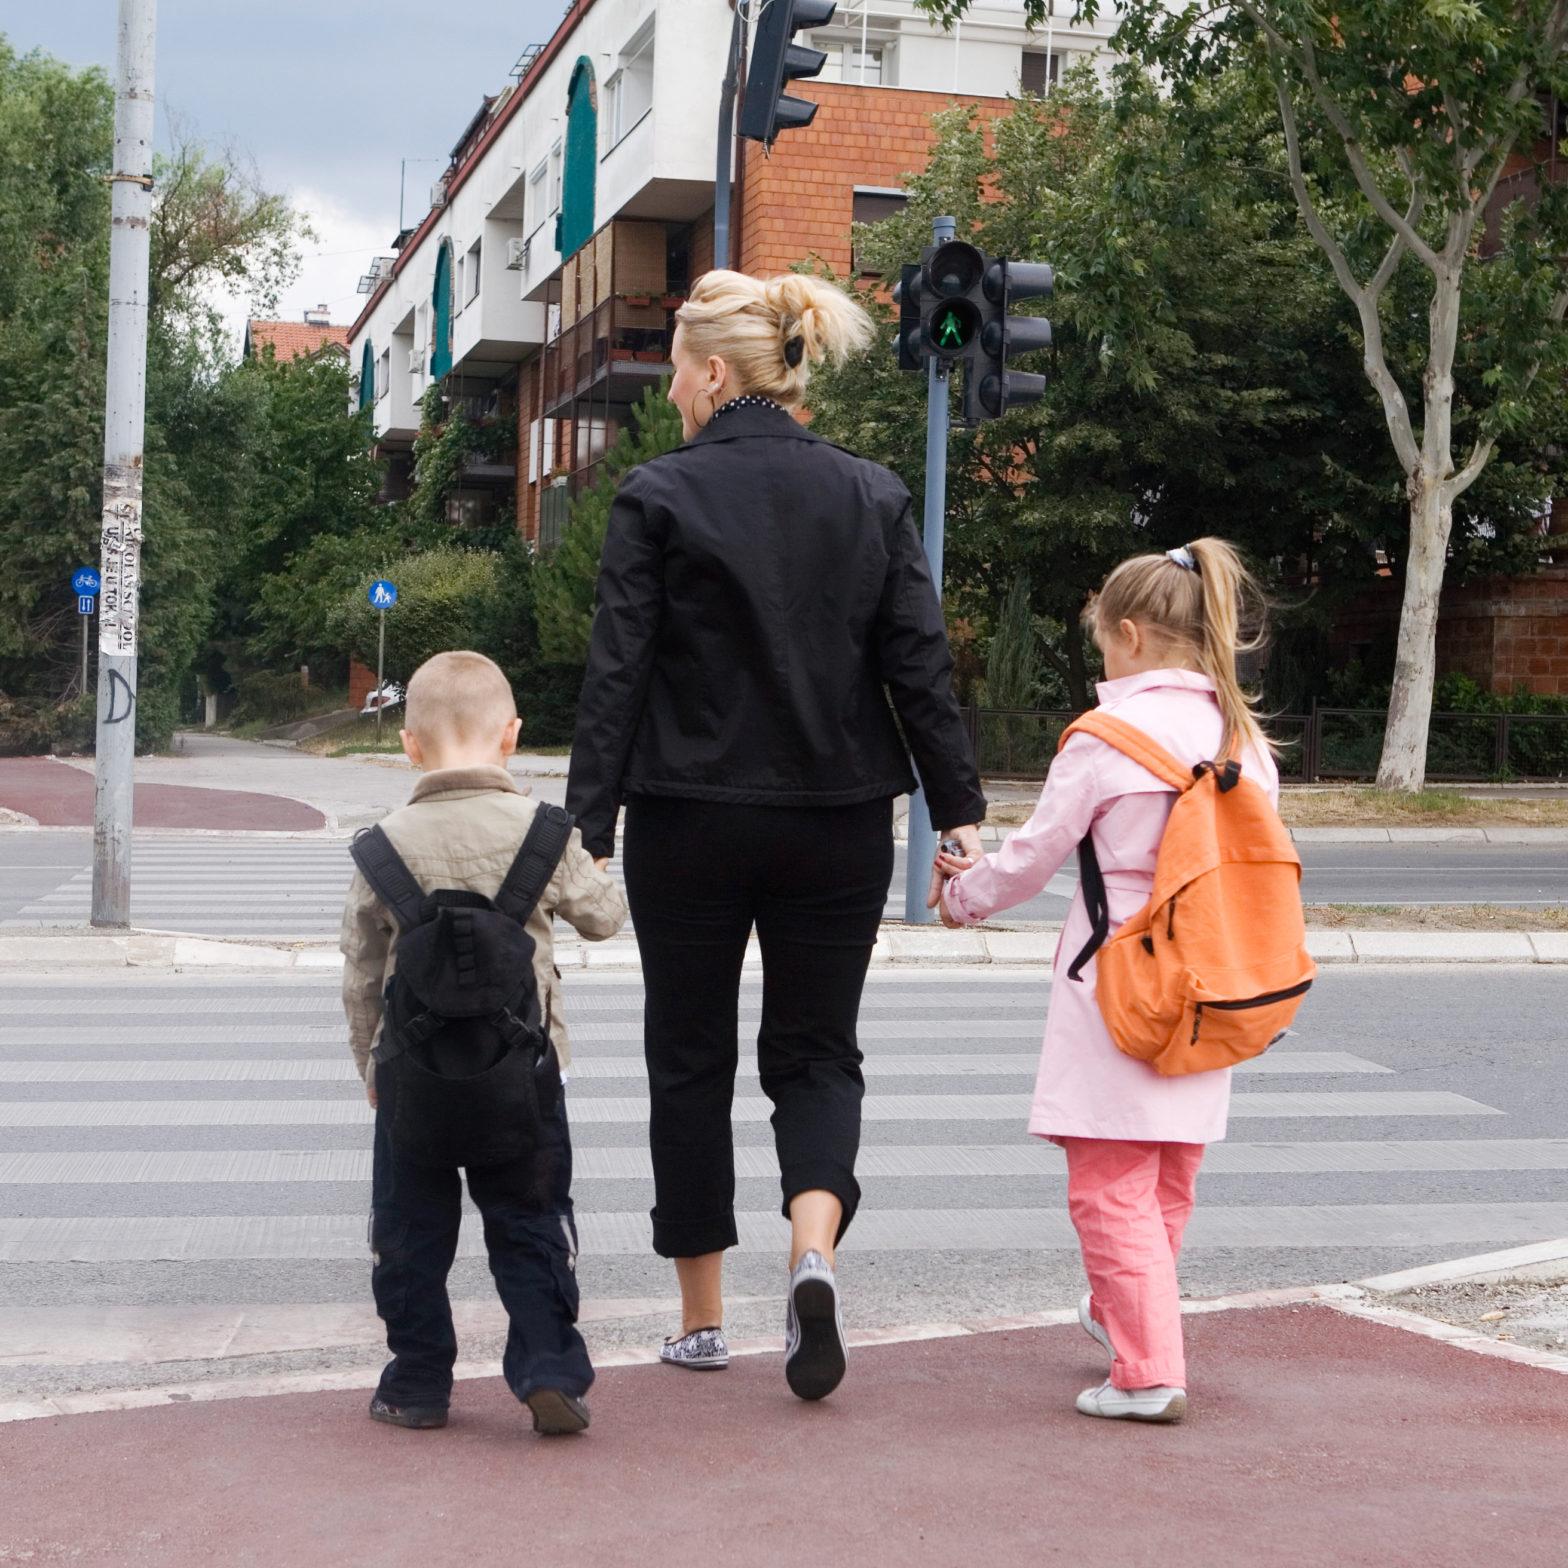 Insbesondere jüngere Kinder können die Gefahren am Schulweg nicht richtig einschätzen.